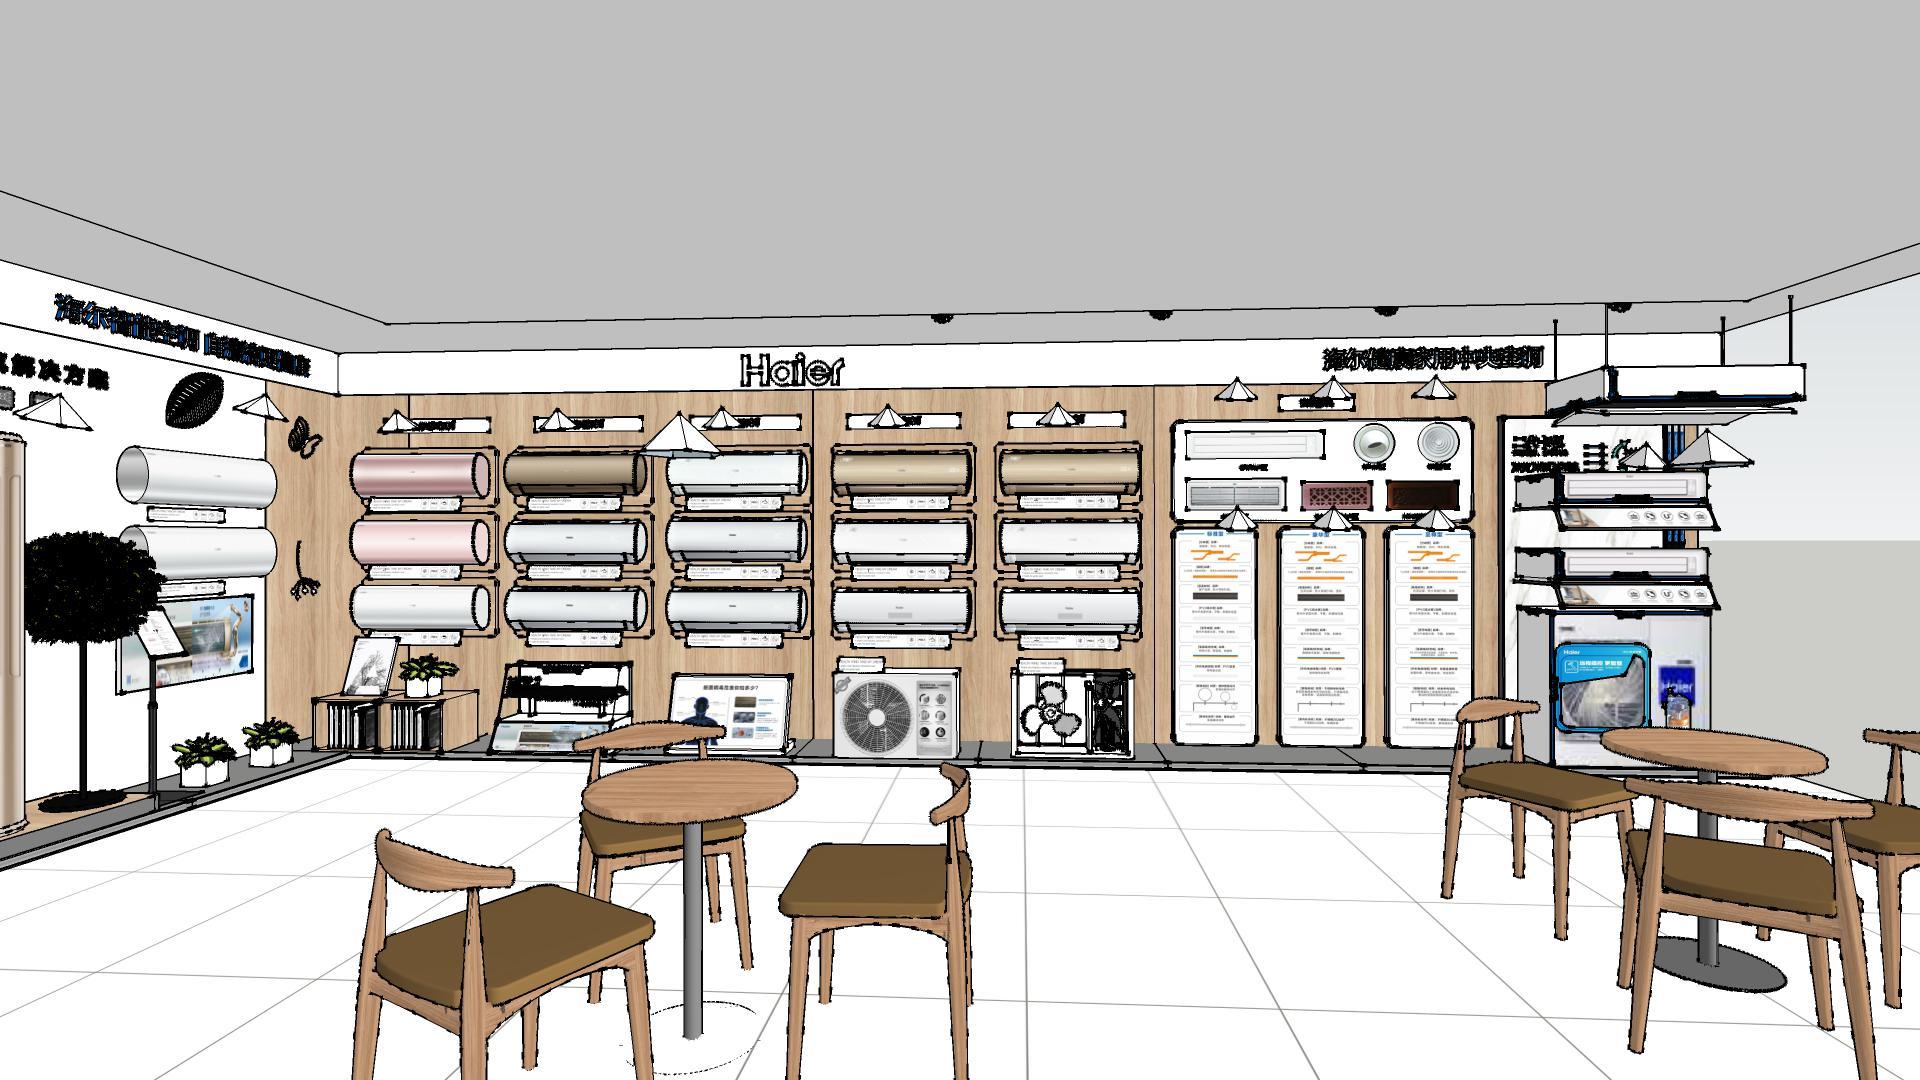 海尔——5代家空标准店U型厅|商业空间设计-厦门弘鹭达文化传播有限公司